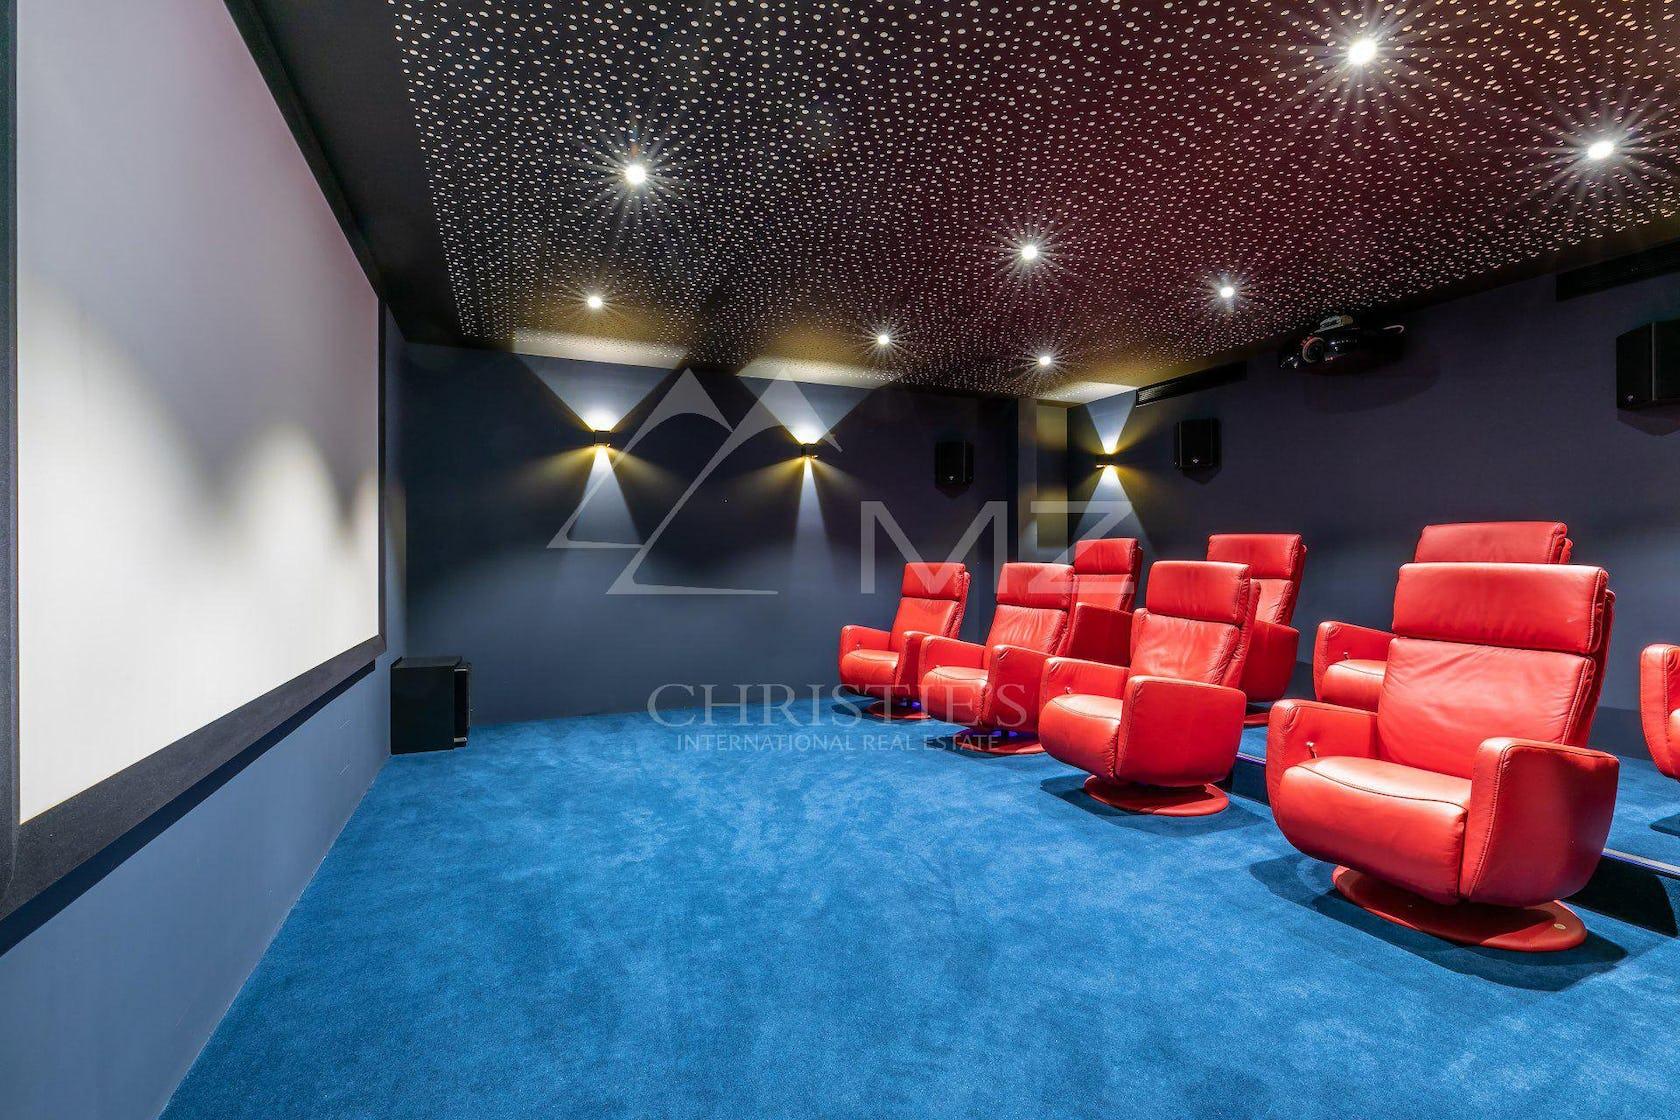 interior design indoors architecture building room lighting